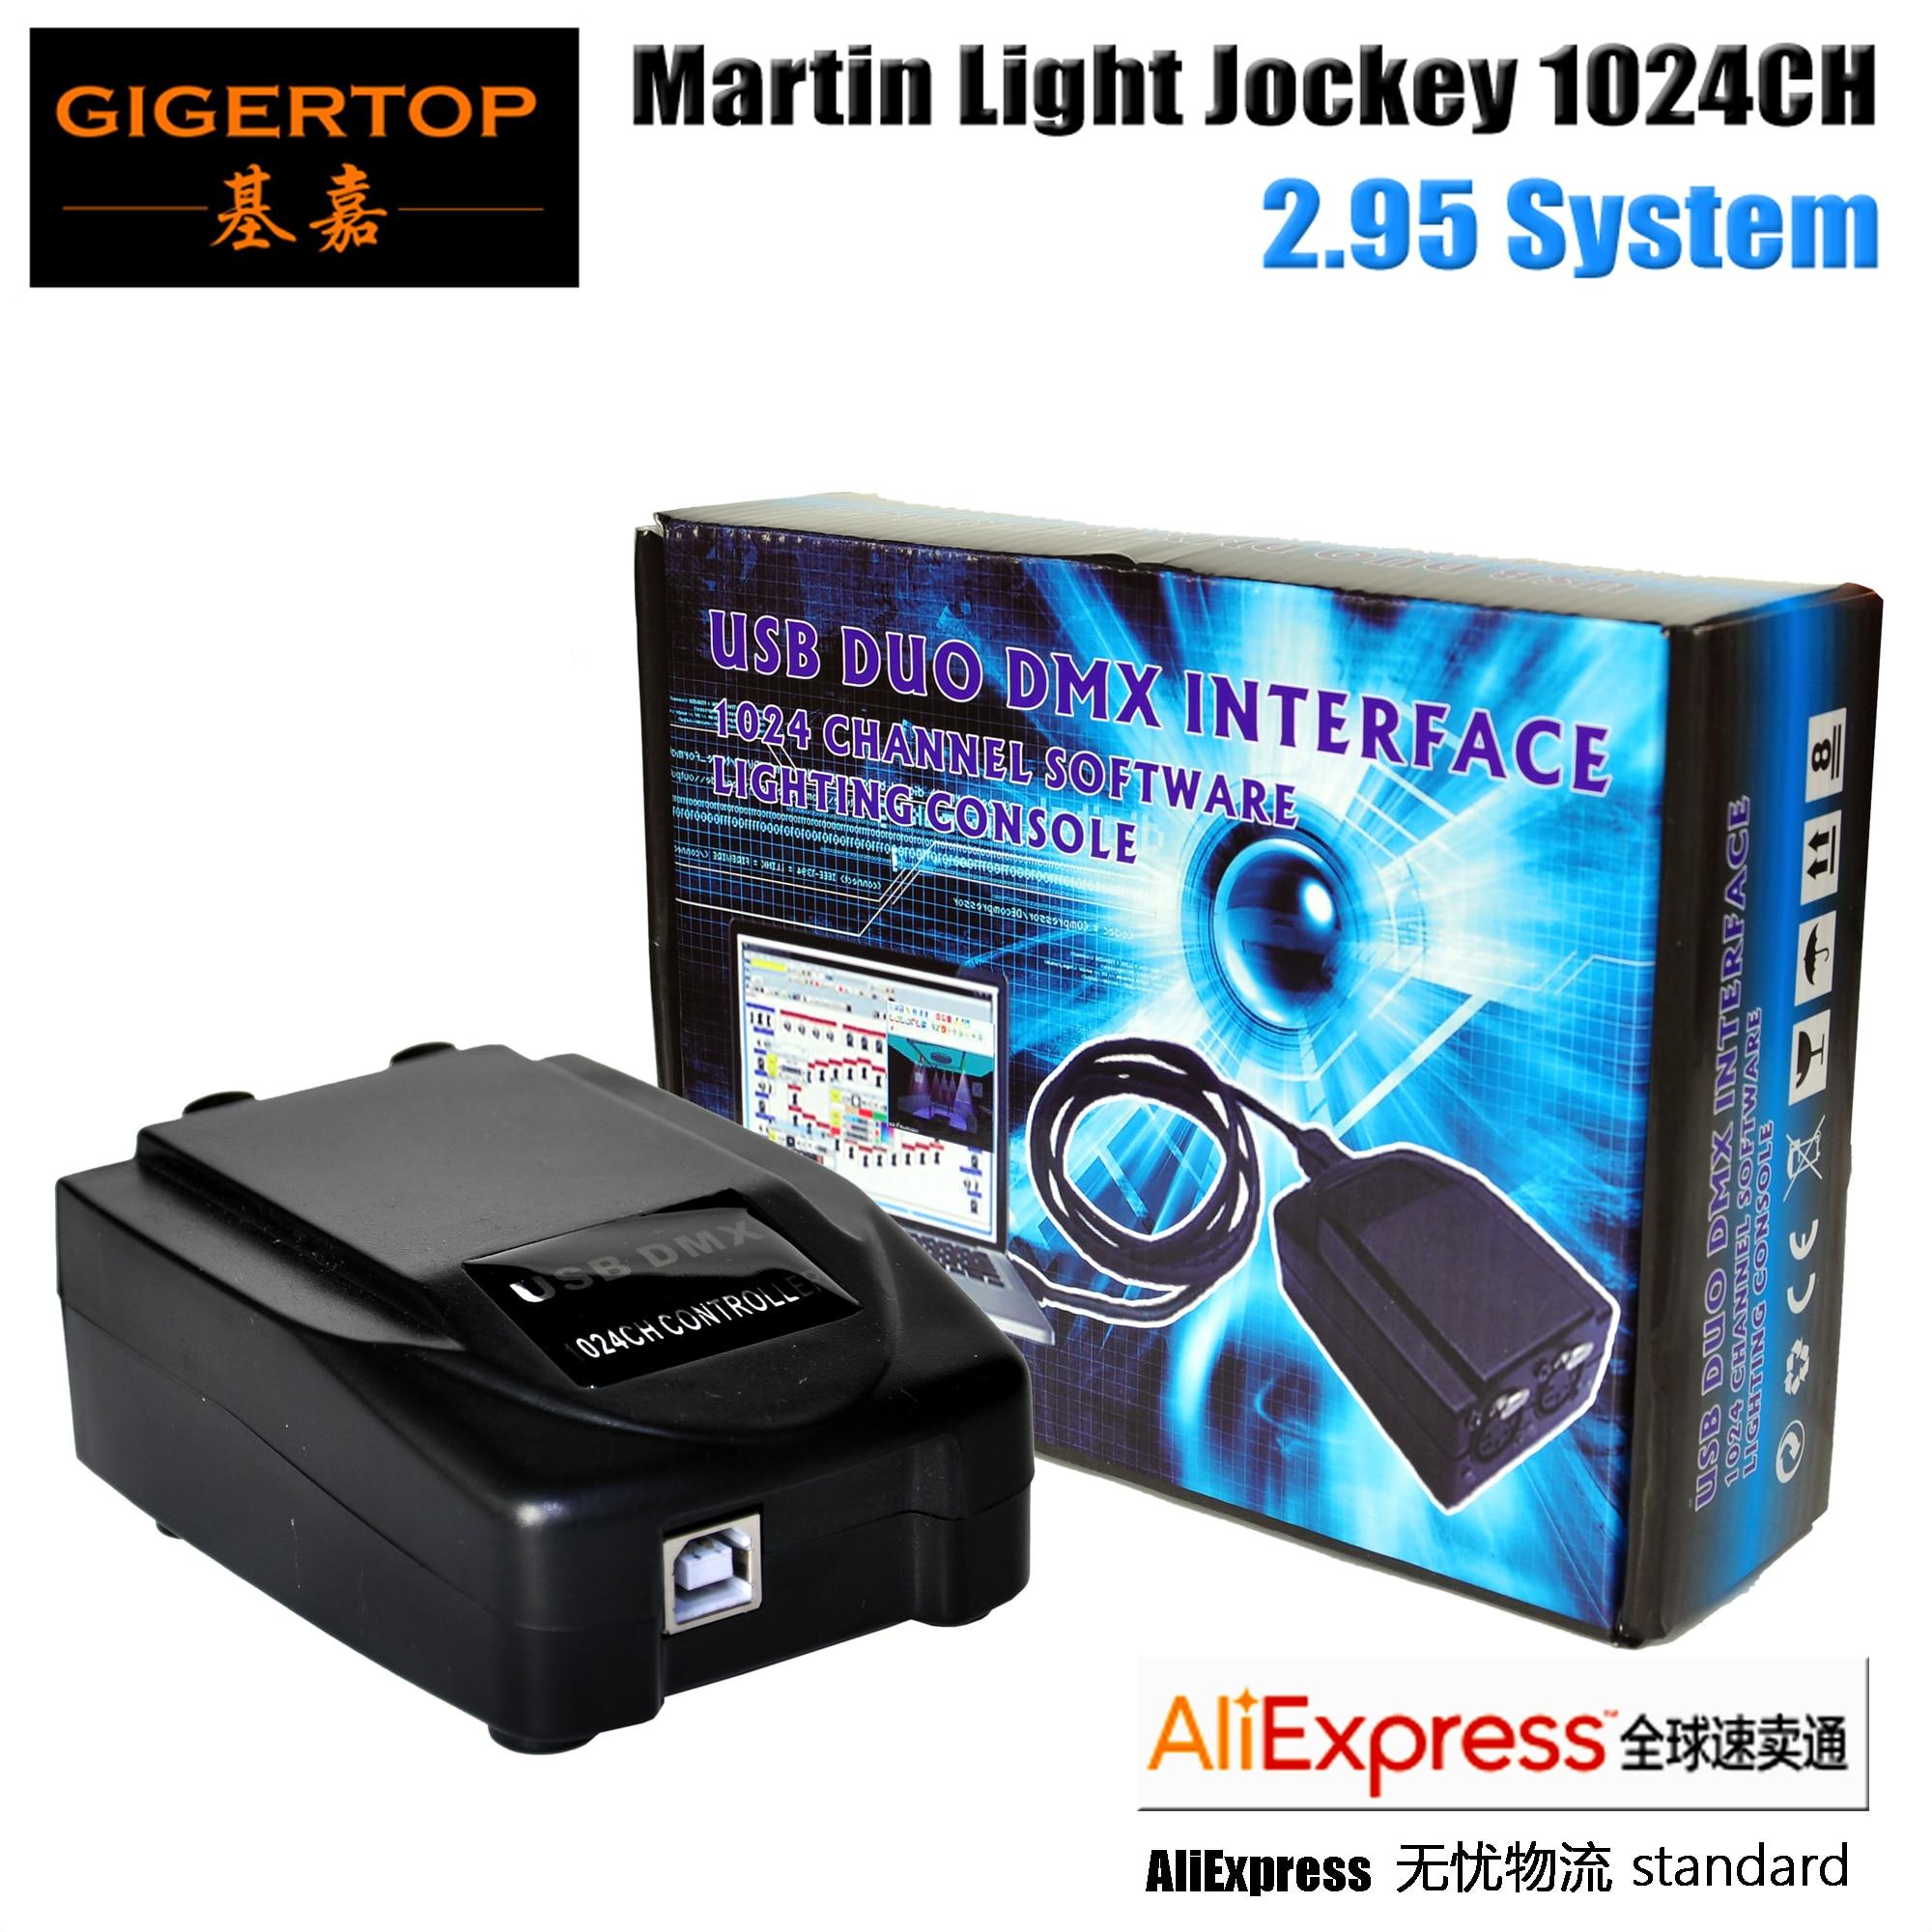 Pas cher prix Martin 1024 DMX512 contrôleur USB Martin Lightjockey 1024 USB DMX contrôleur led dmx stade lumières expédition rapide